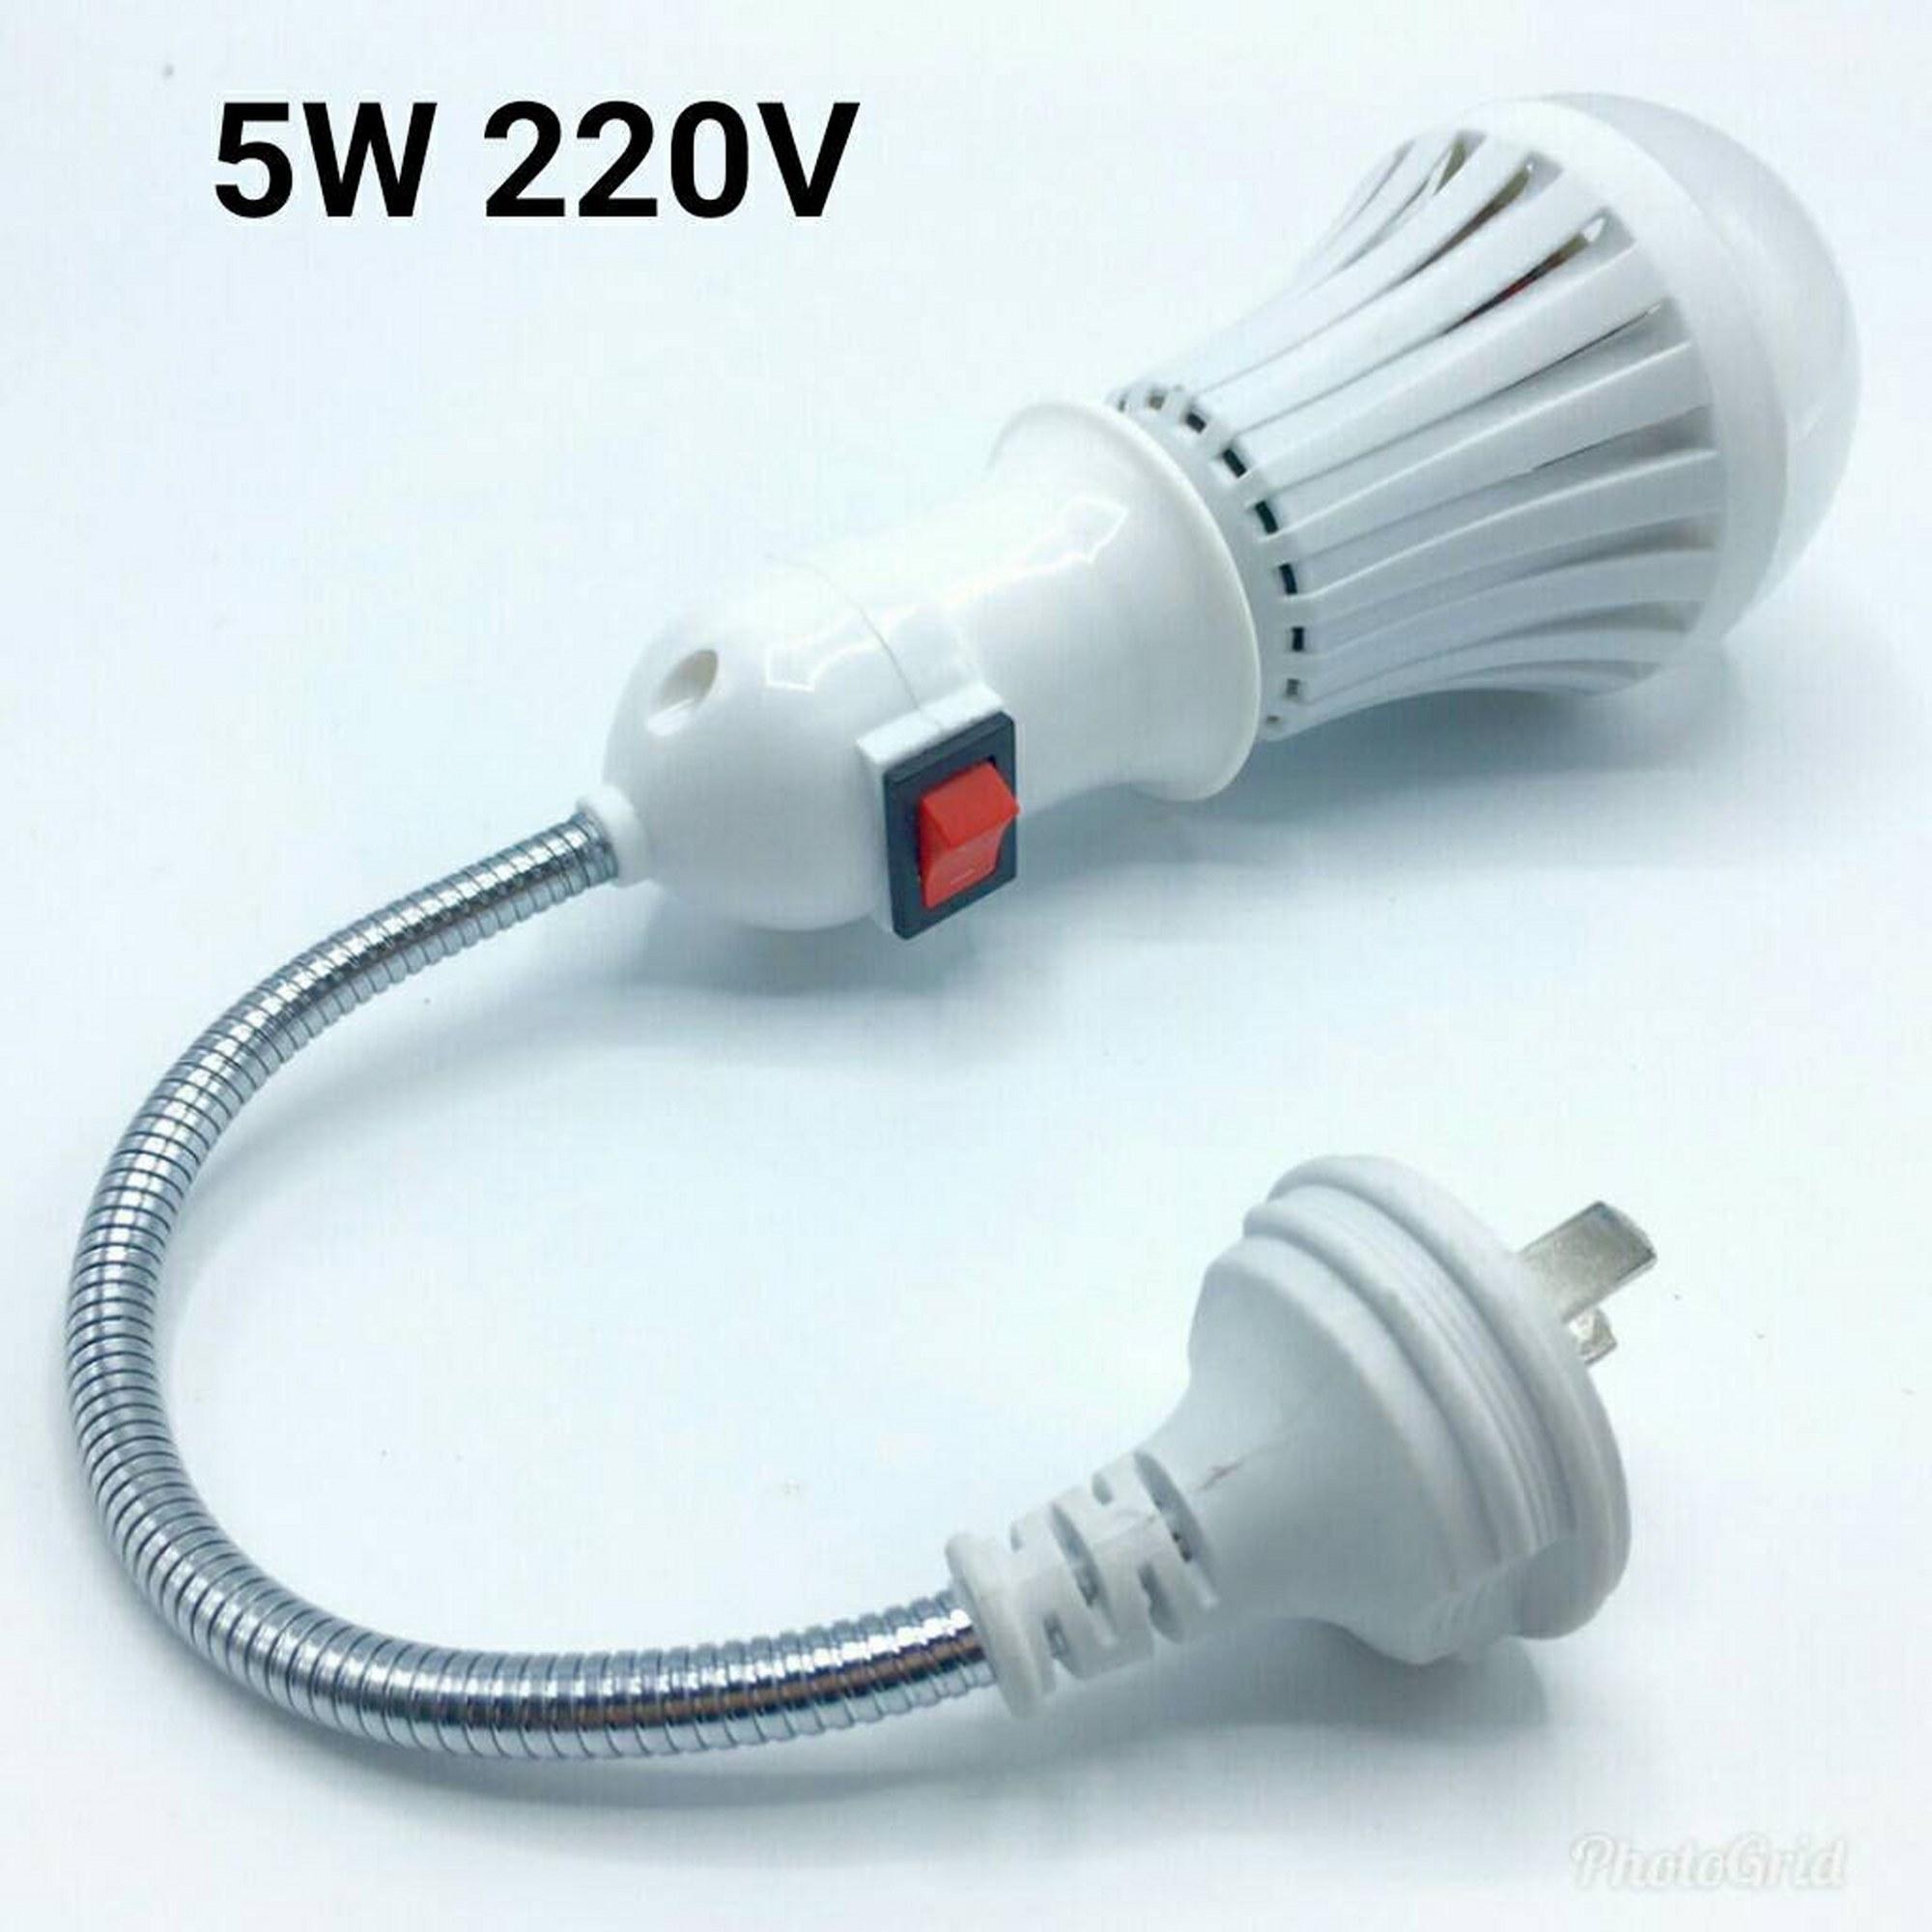 หลอดไฟอัจฉริยะฉุกเฉินแบตเตอรี่ในตัว(กันน้ำ) LED 5W 220V ( + สวิตช์โคมไฟติดผนังแบบสายยาว)